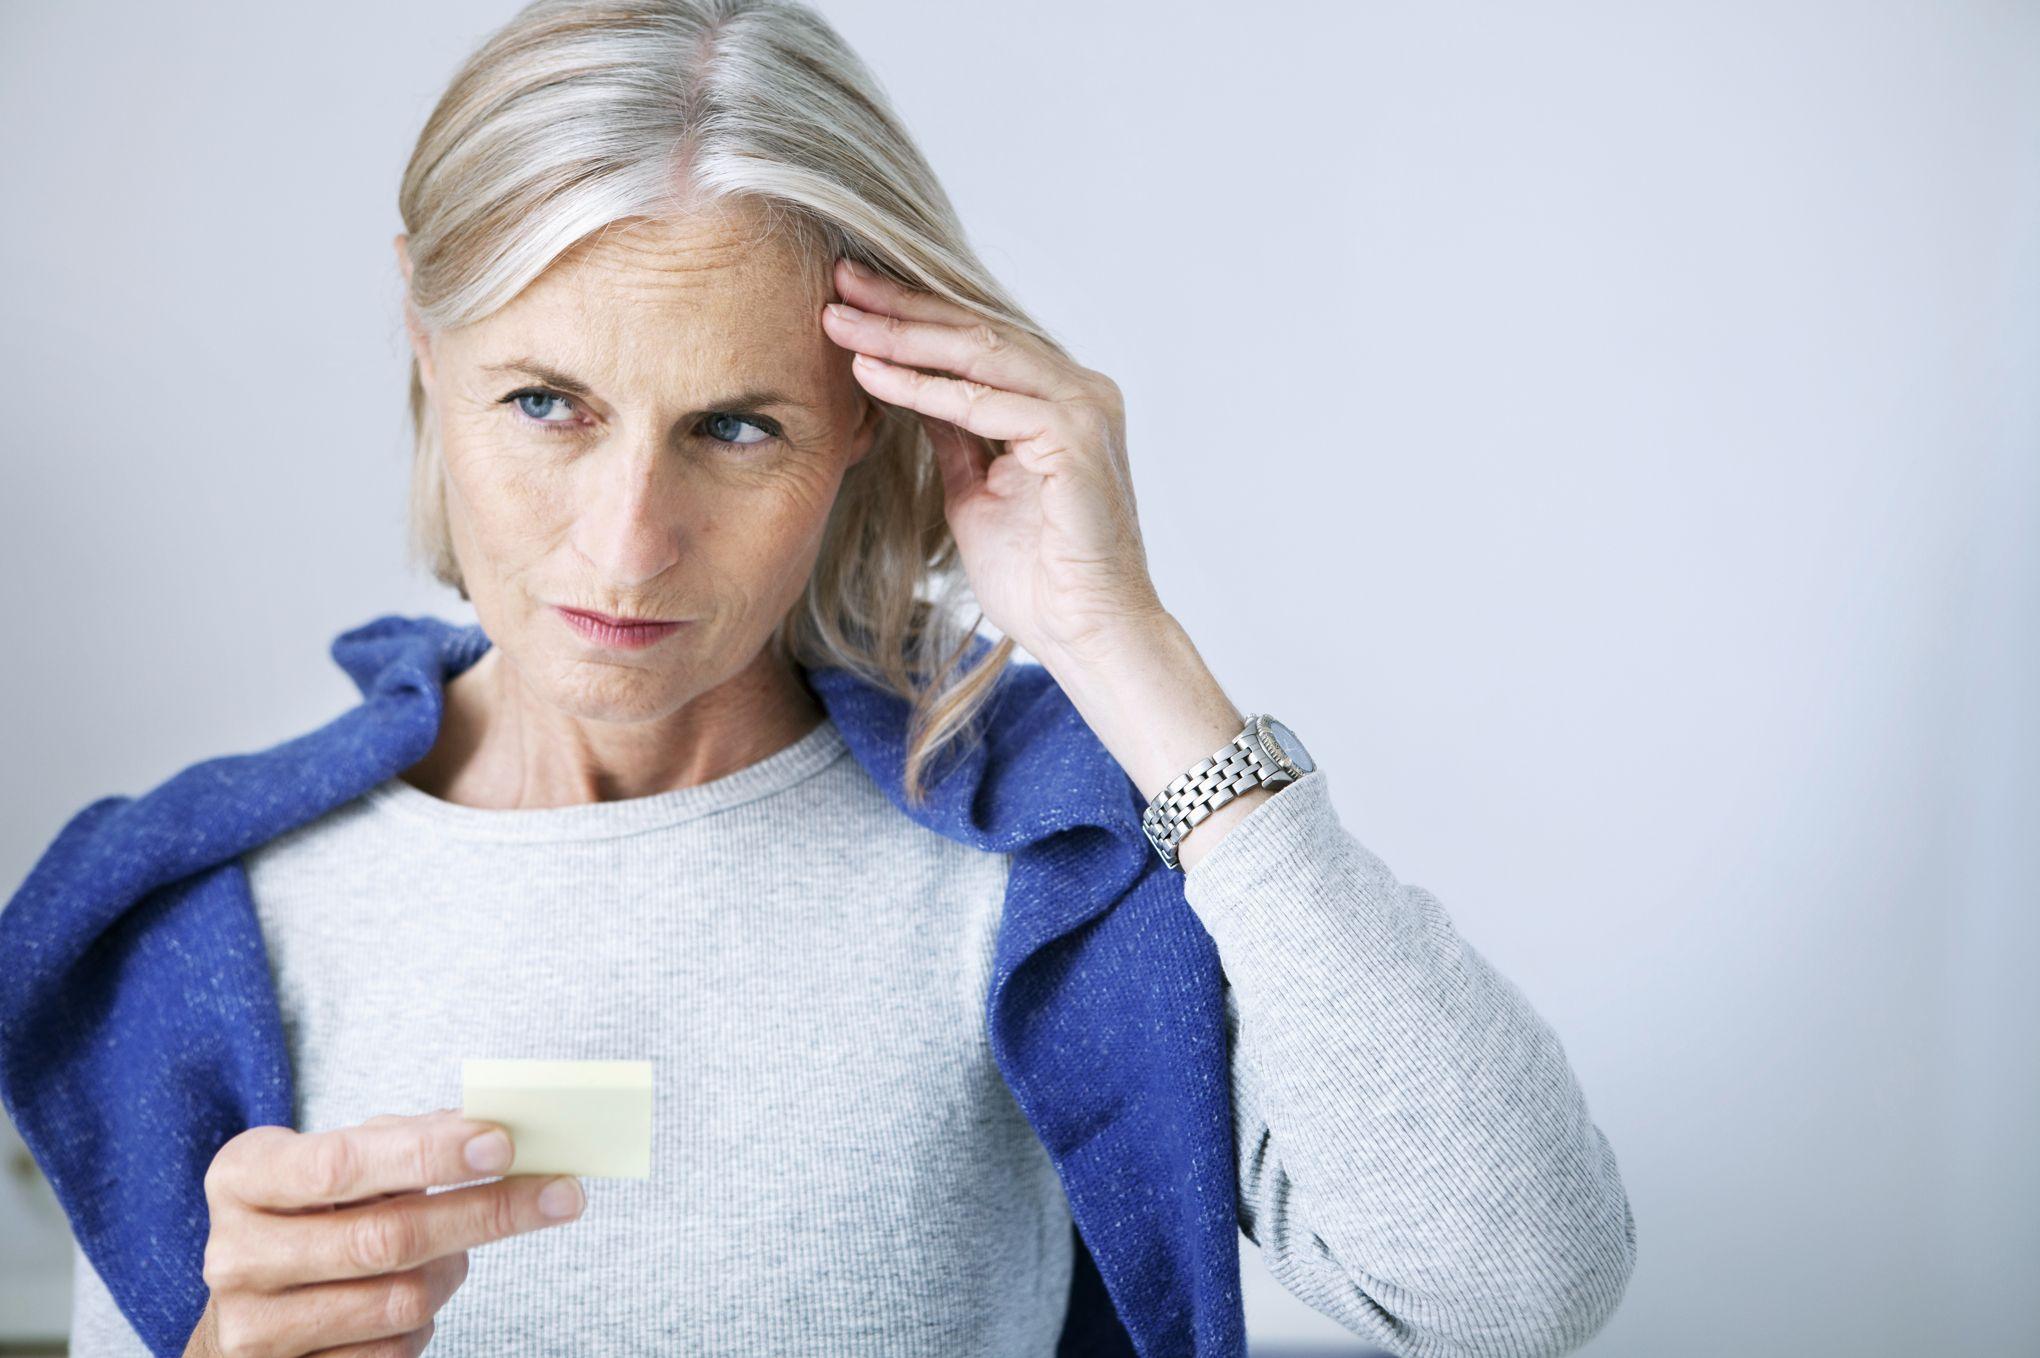 نتيجة بحث الصور عن forgetfulness in old age